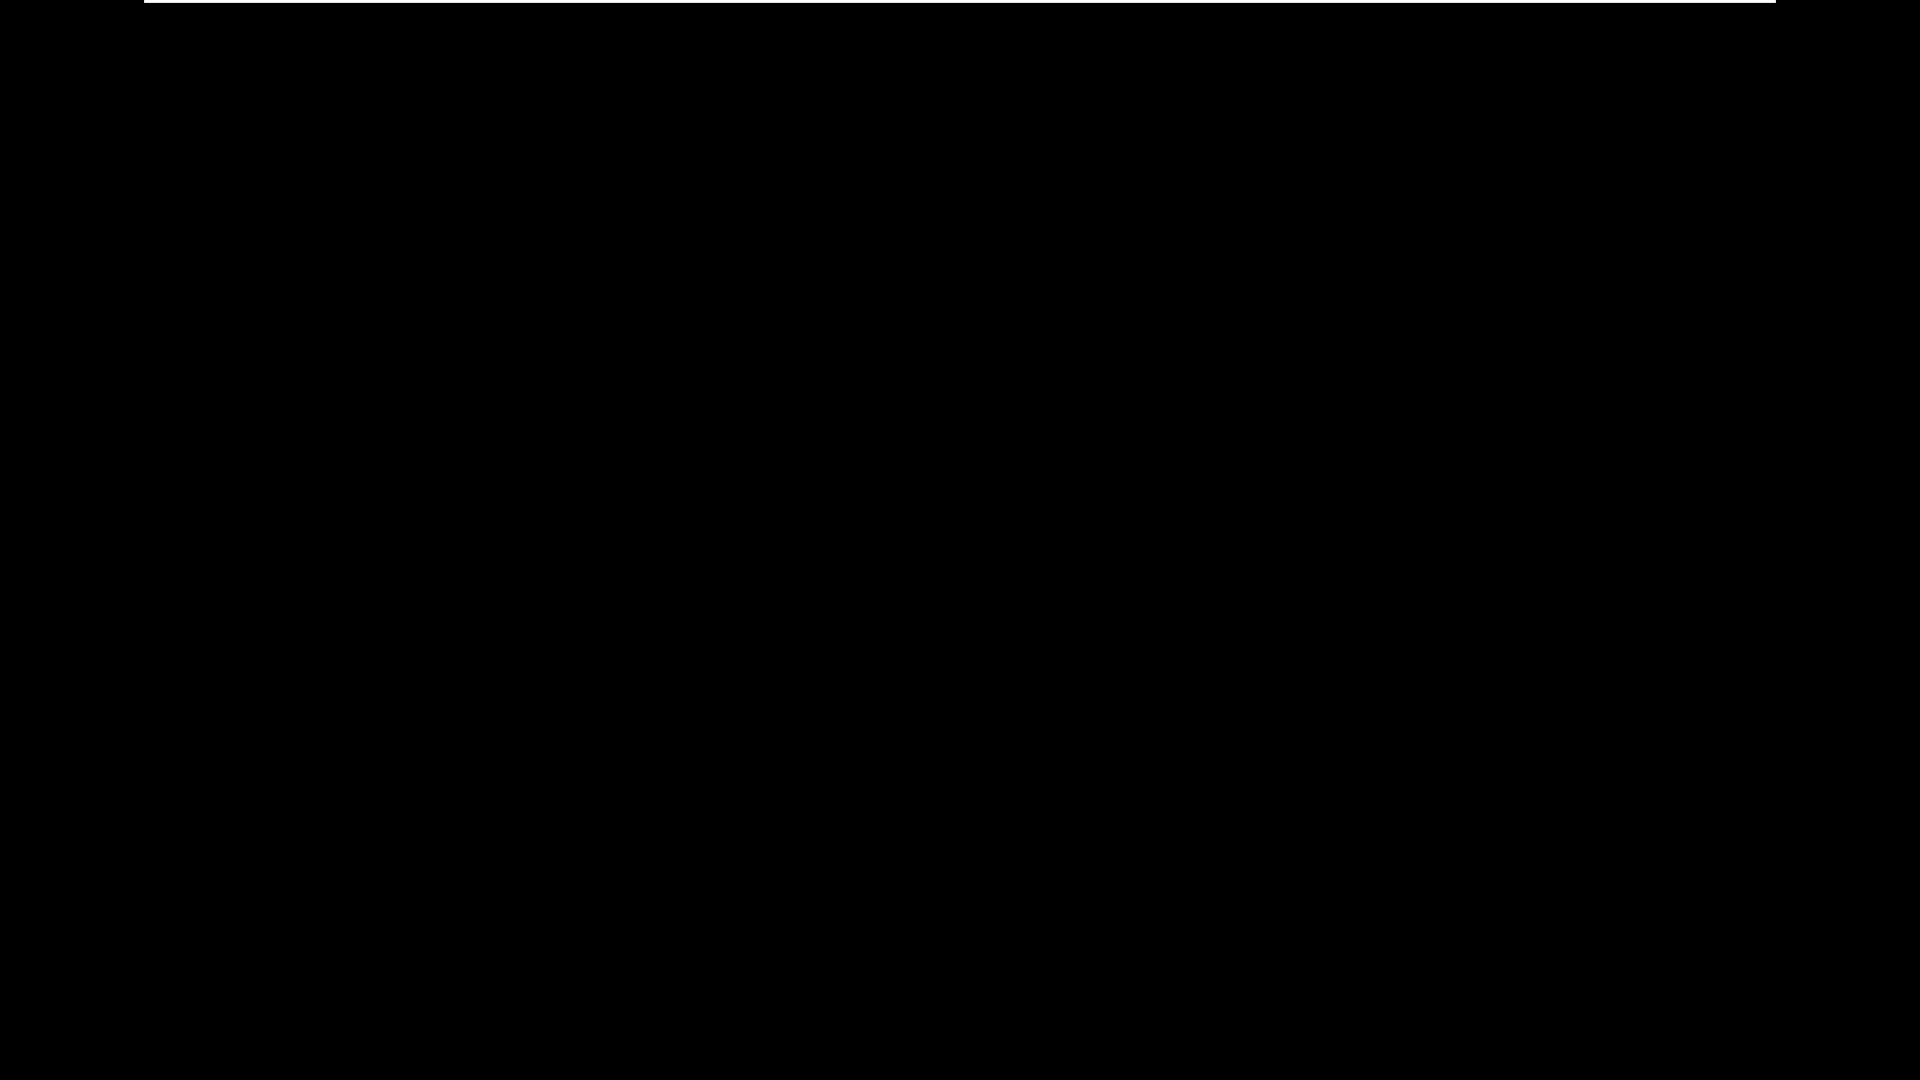 질문에 올라온 PE (ISO)를 ventoy 부팅 - ISO 외부 (보통 usb의 루트)로 wim과 Y드라이브로 연결될 프로그램 폴더를 추출하시면 제대로 PE 사용이 가능합니다 2021-05-02_141139.jpg